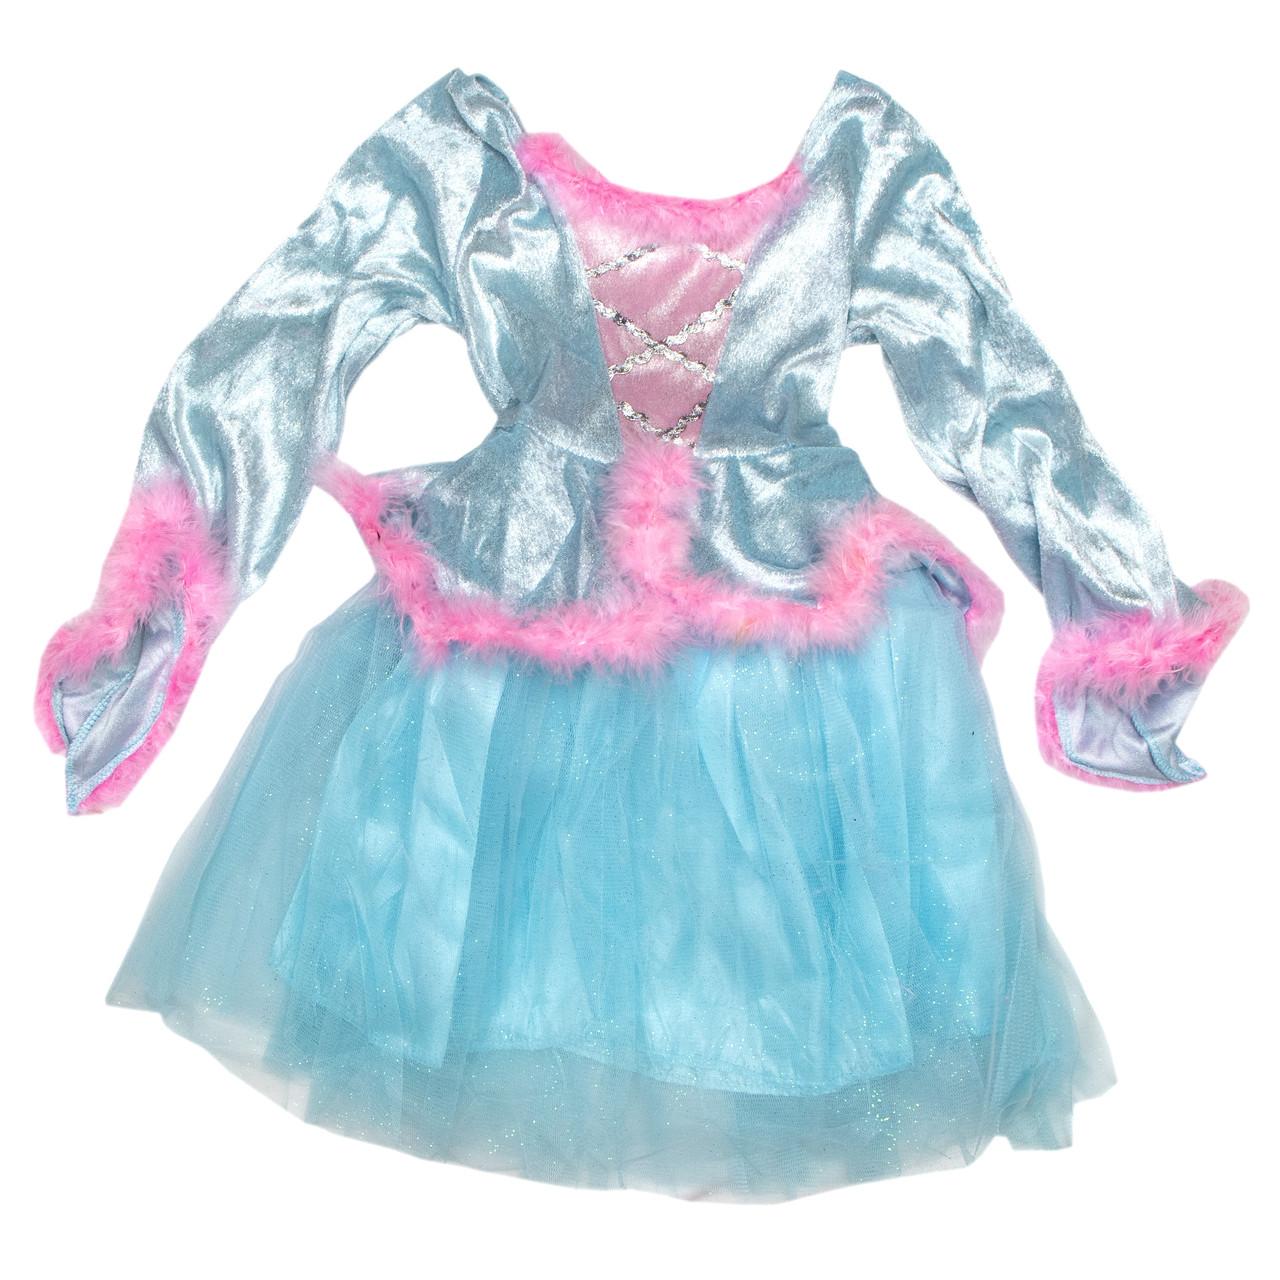 Карнавальный костюм для девочки, размер 104см, арт. 460427-1